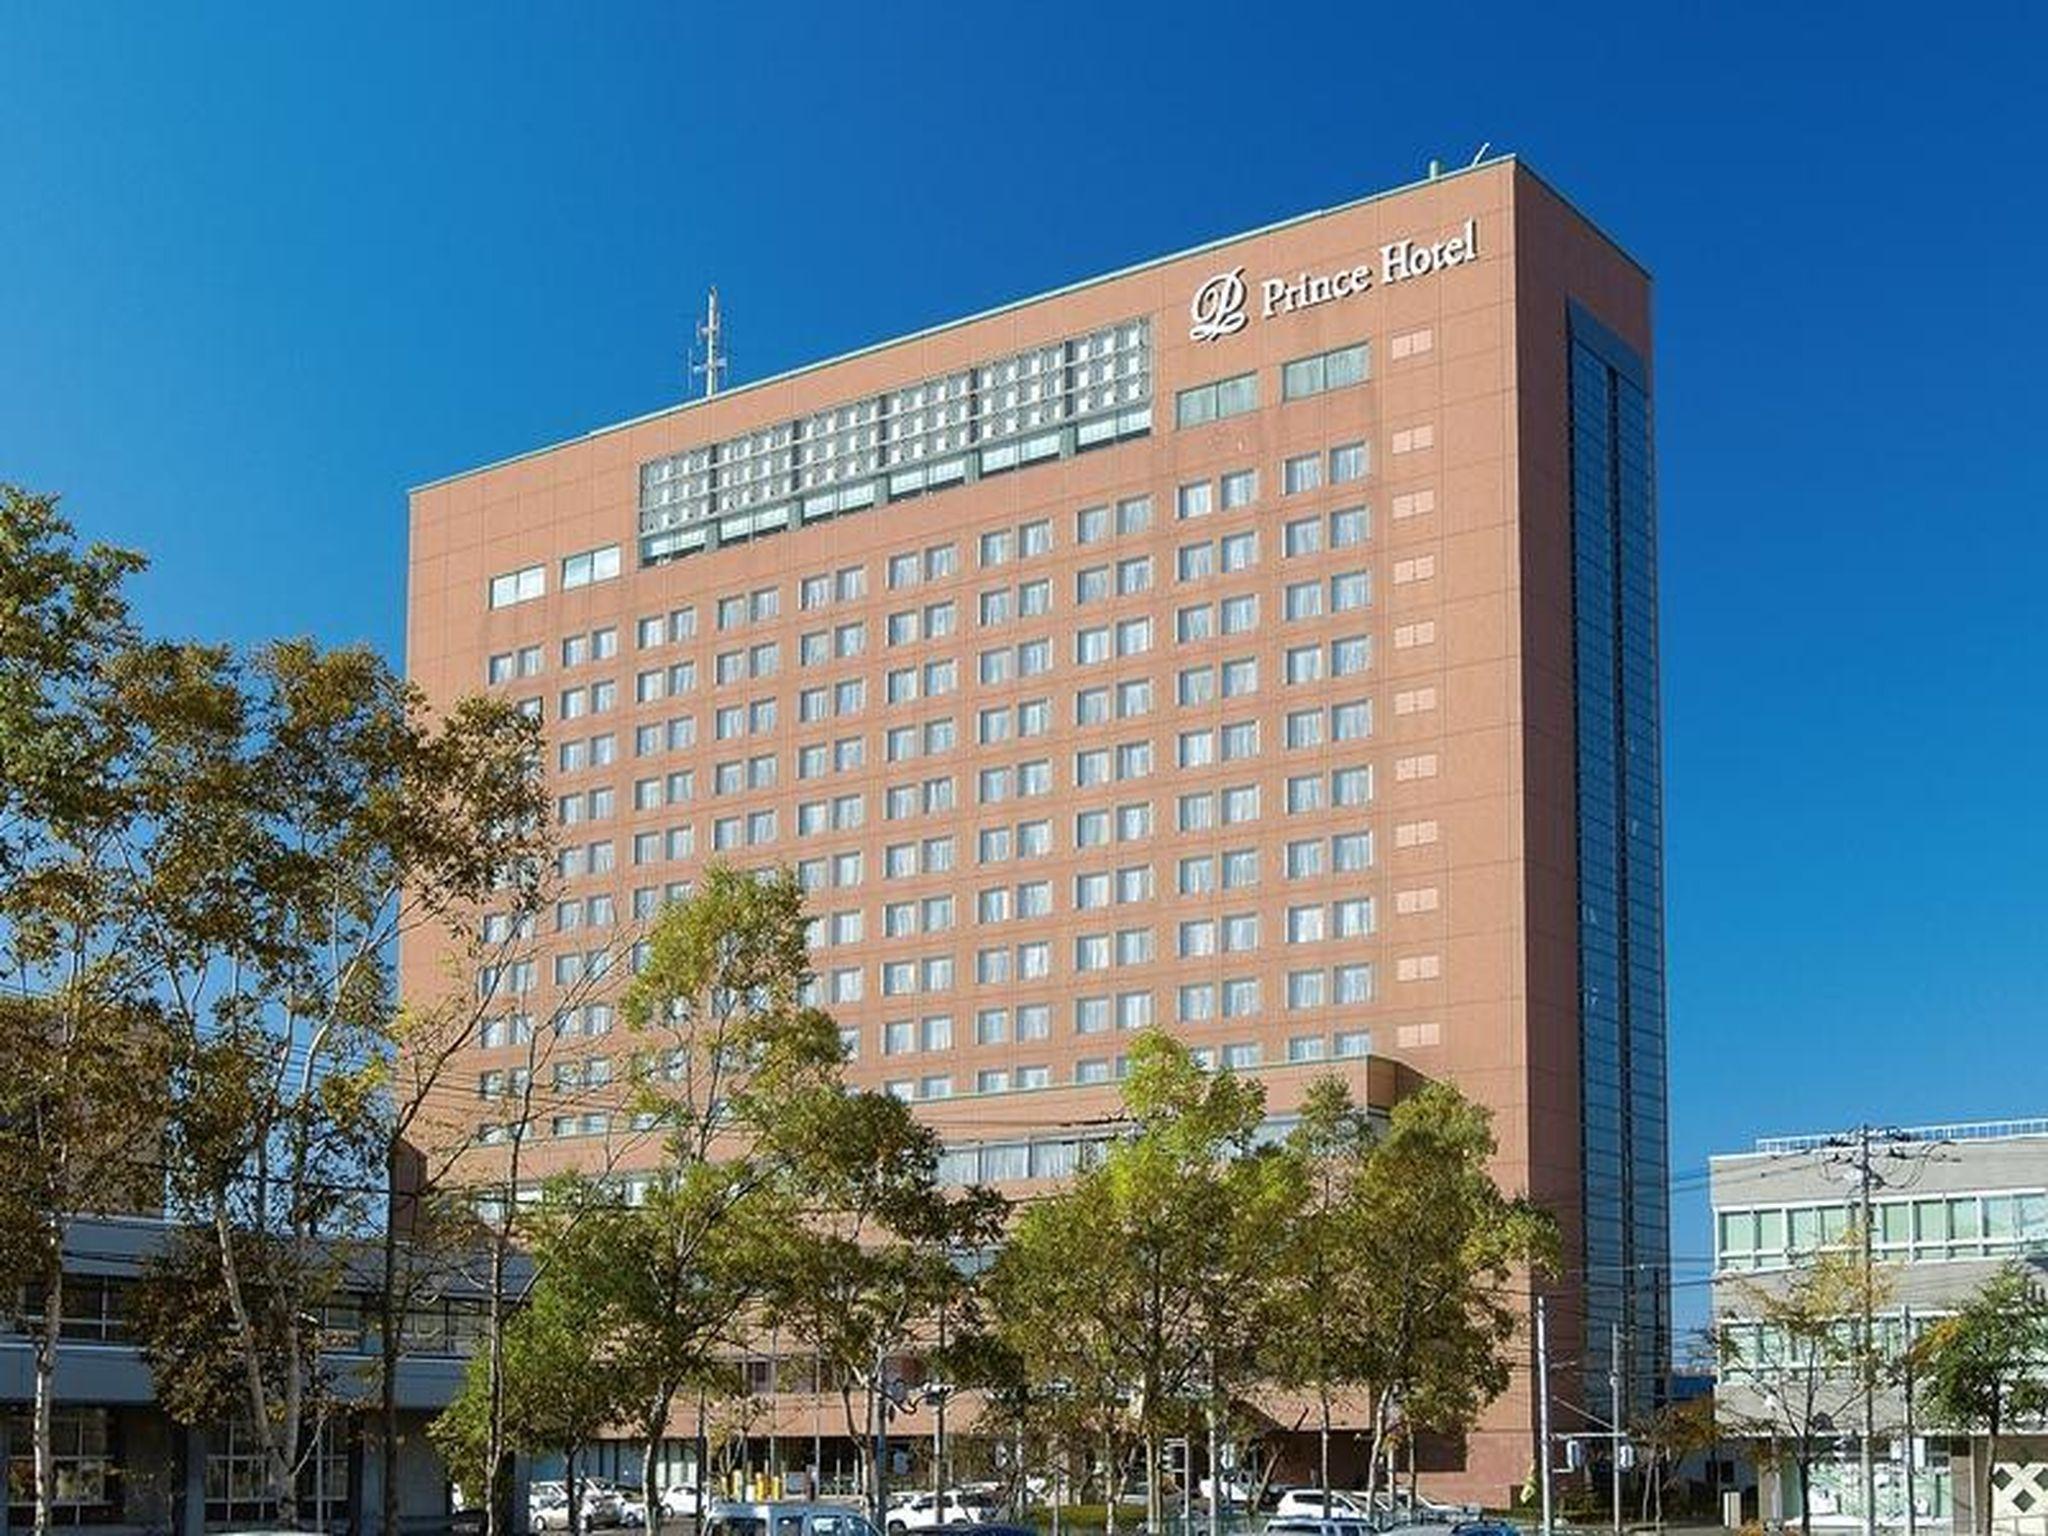 Kushiro Prince Hotel, Kushiro City